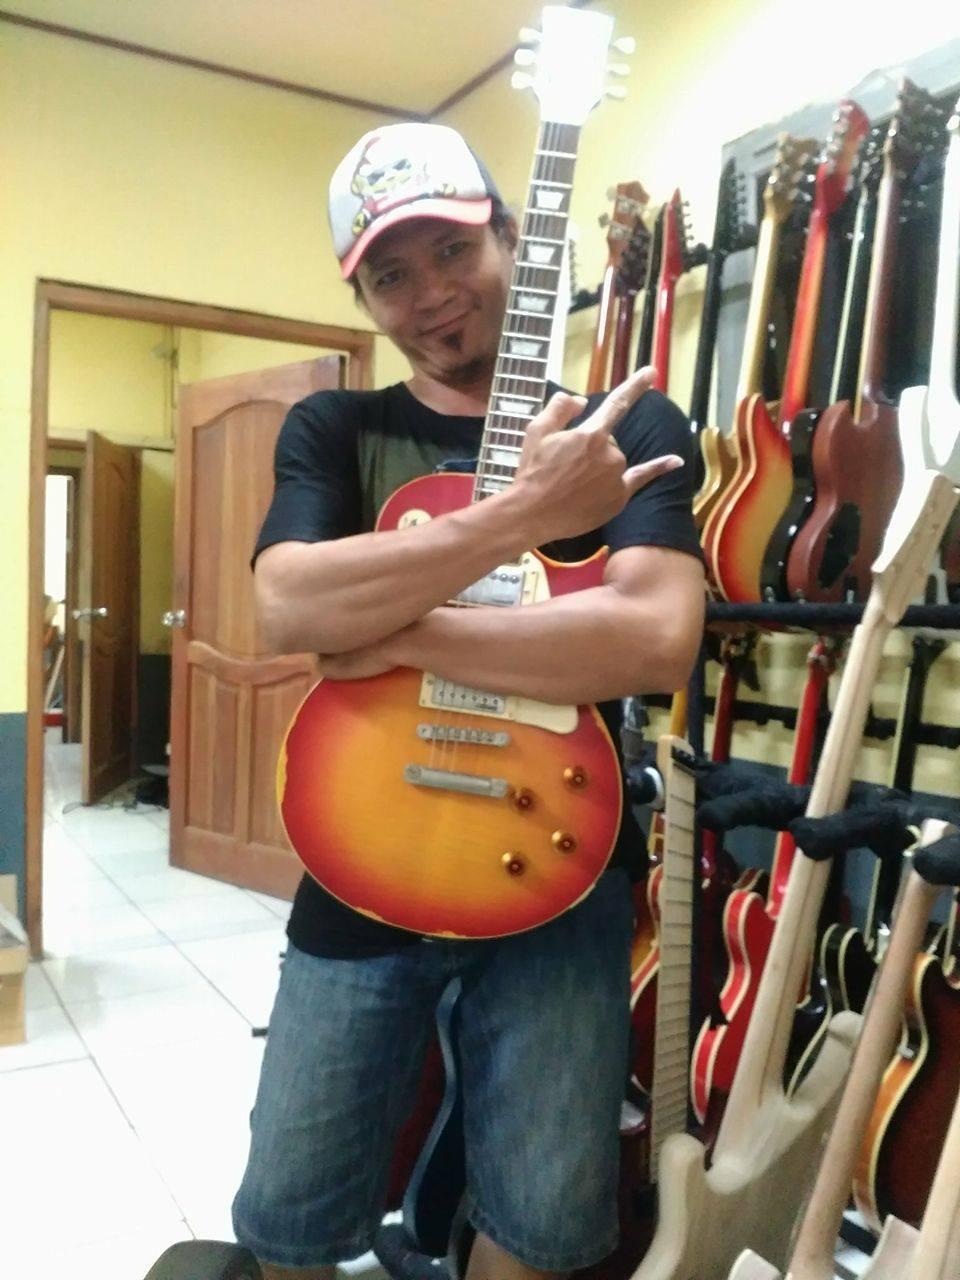 Membeli Gitar : Ada Unsur Kesenangan dan Kebutuhan